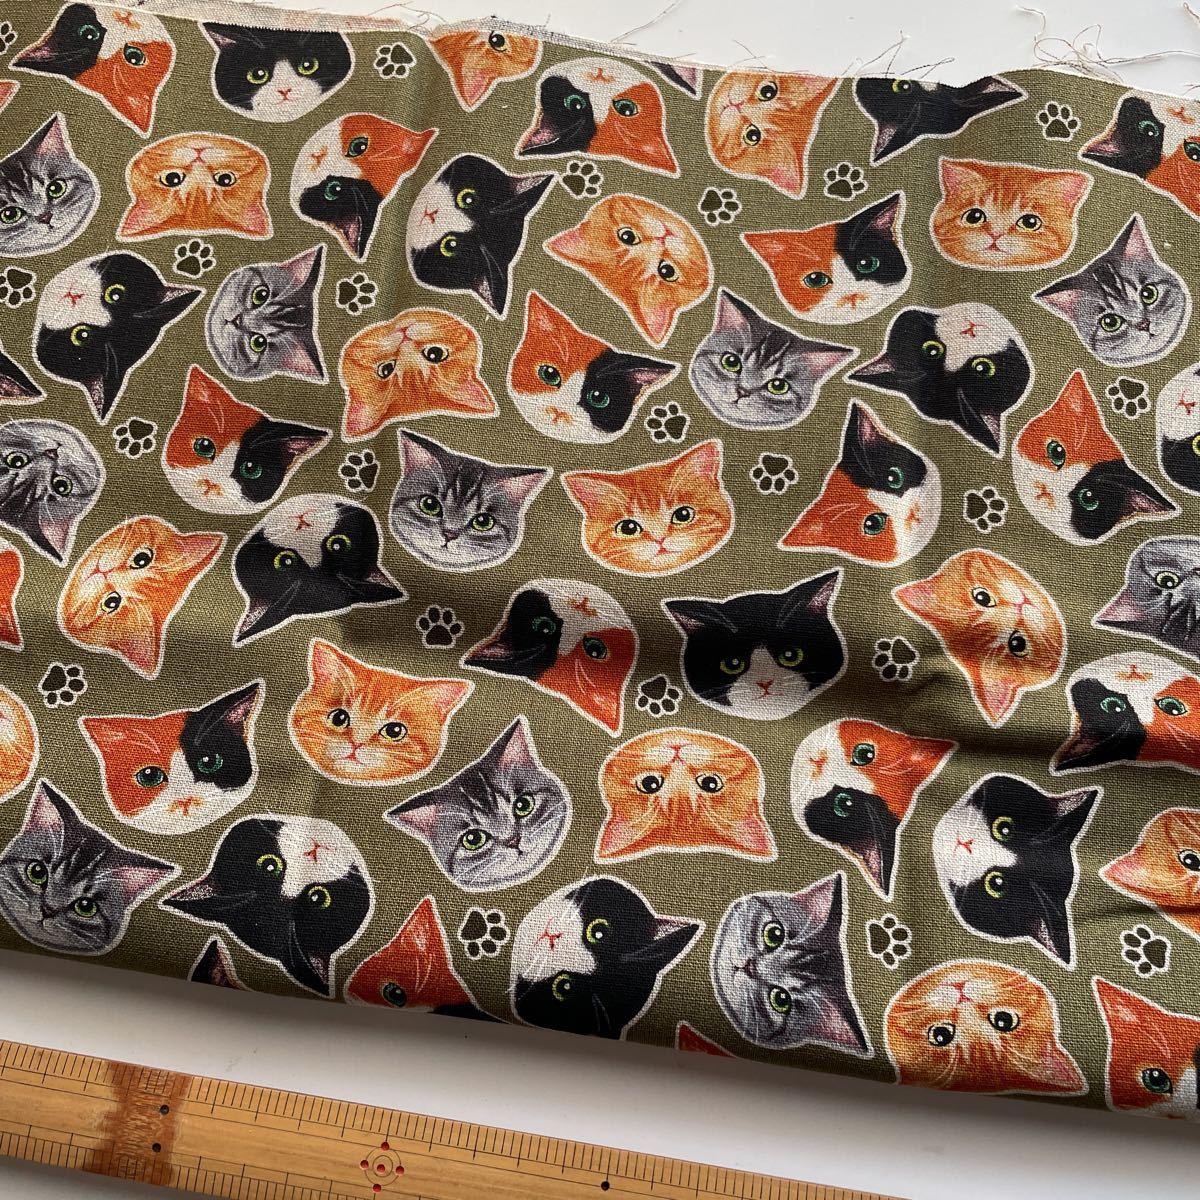 はぎれ 生地 カットクロス 猫 キャット 綿麻 リネン フェリシモ 猫部 猫柄 カーキ 顔柄